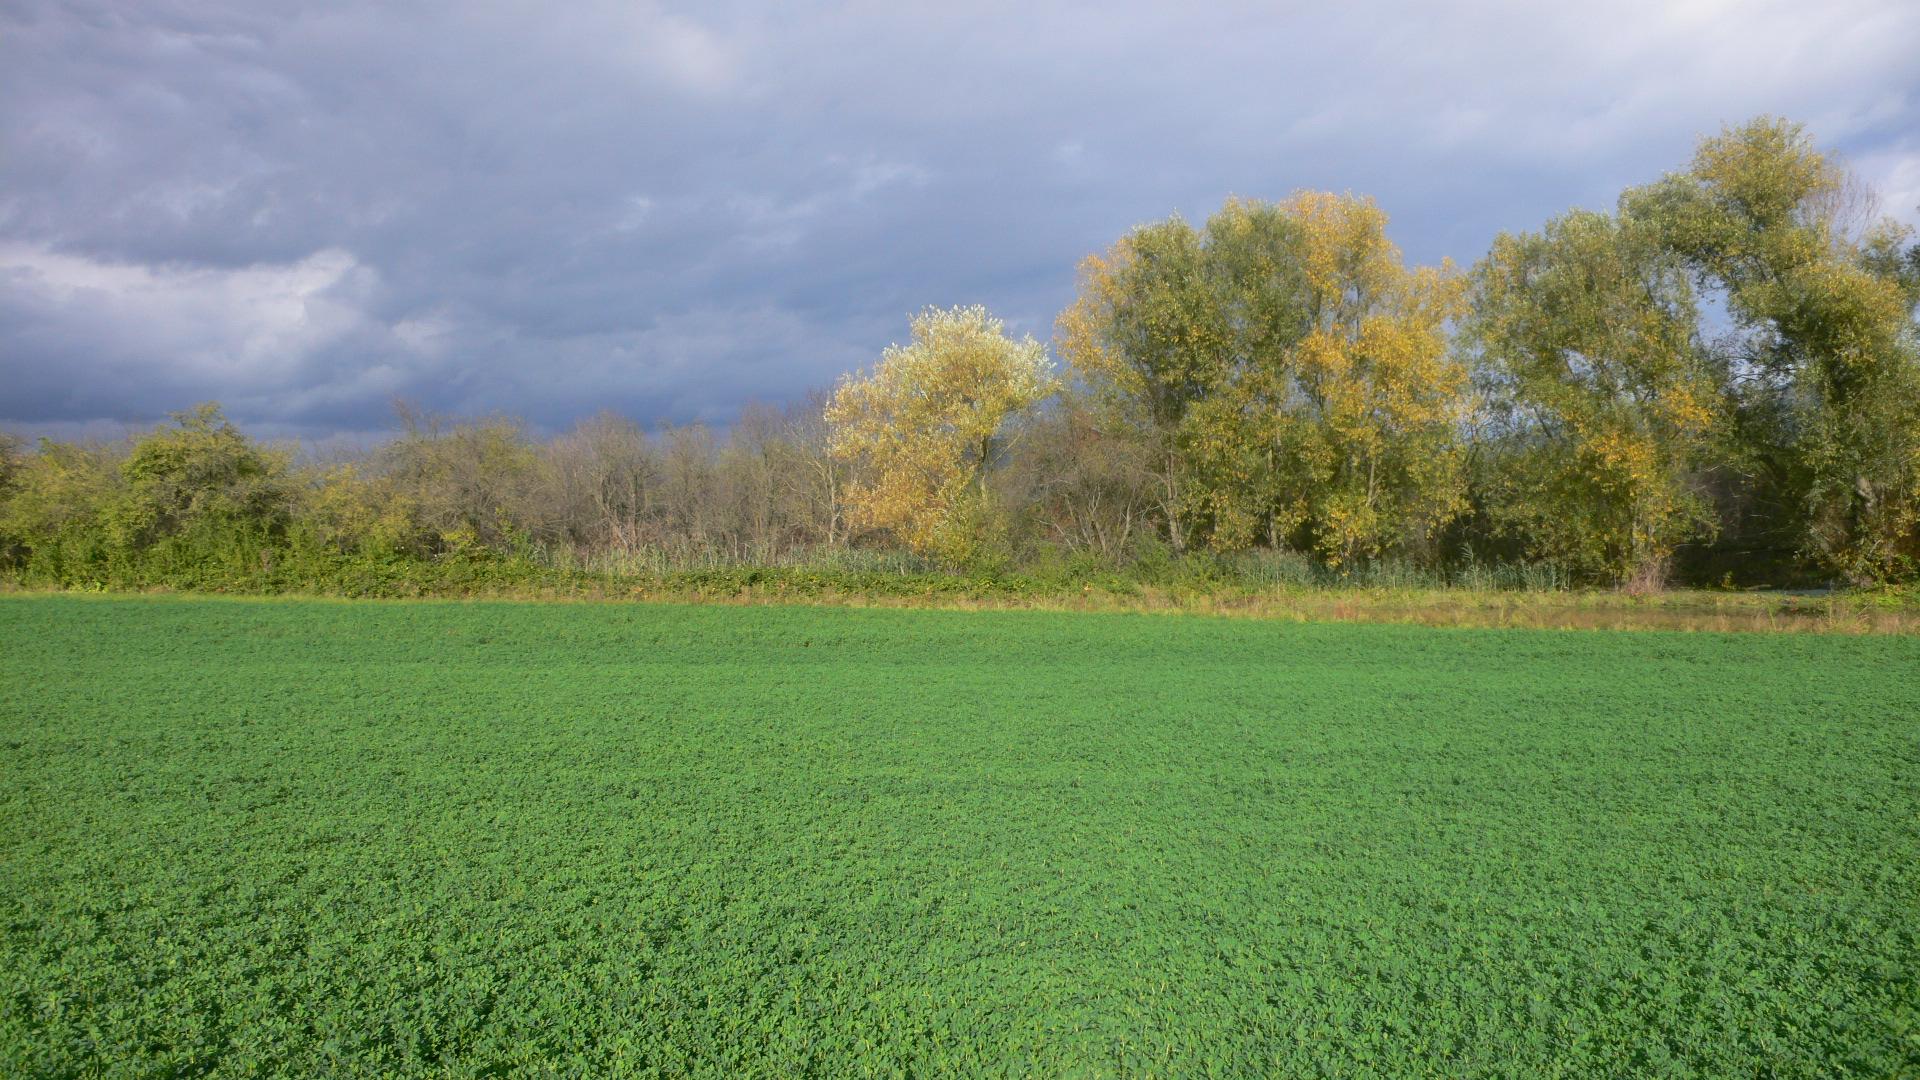 landwirtschaftliche Fläche im Norden von Heidelberg